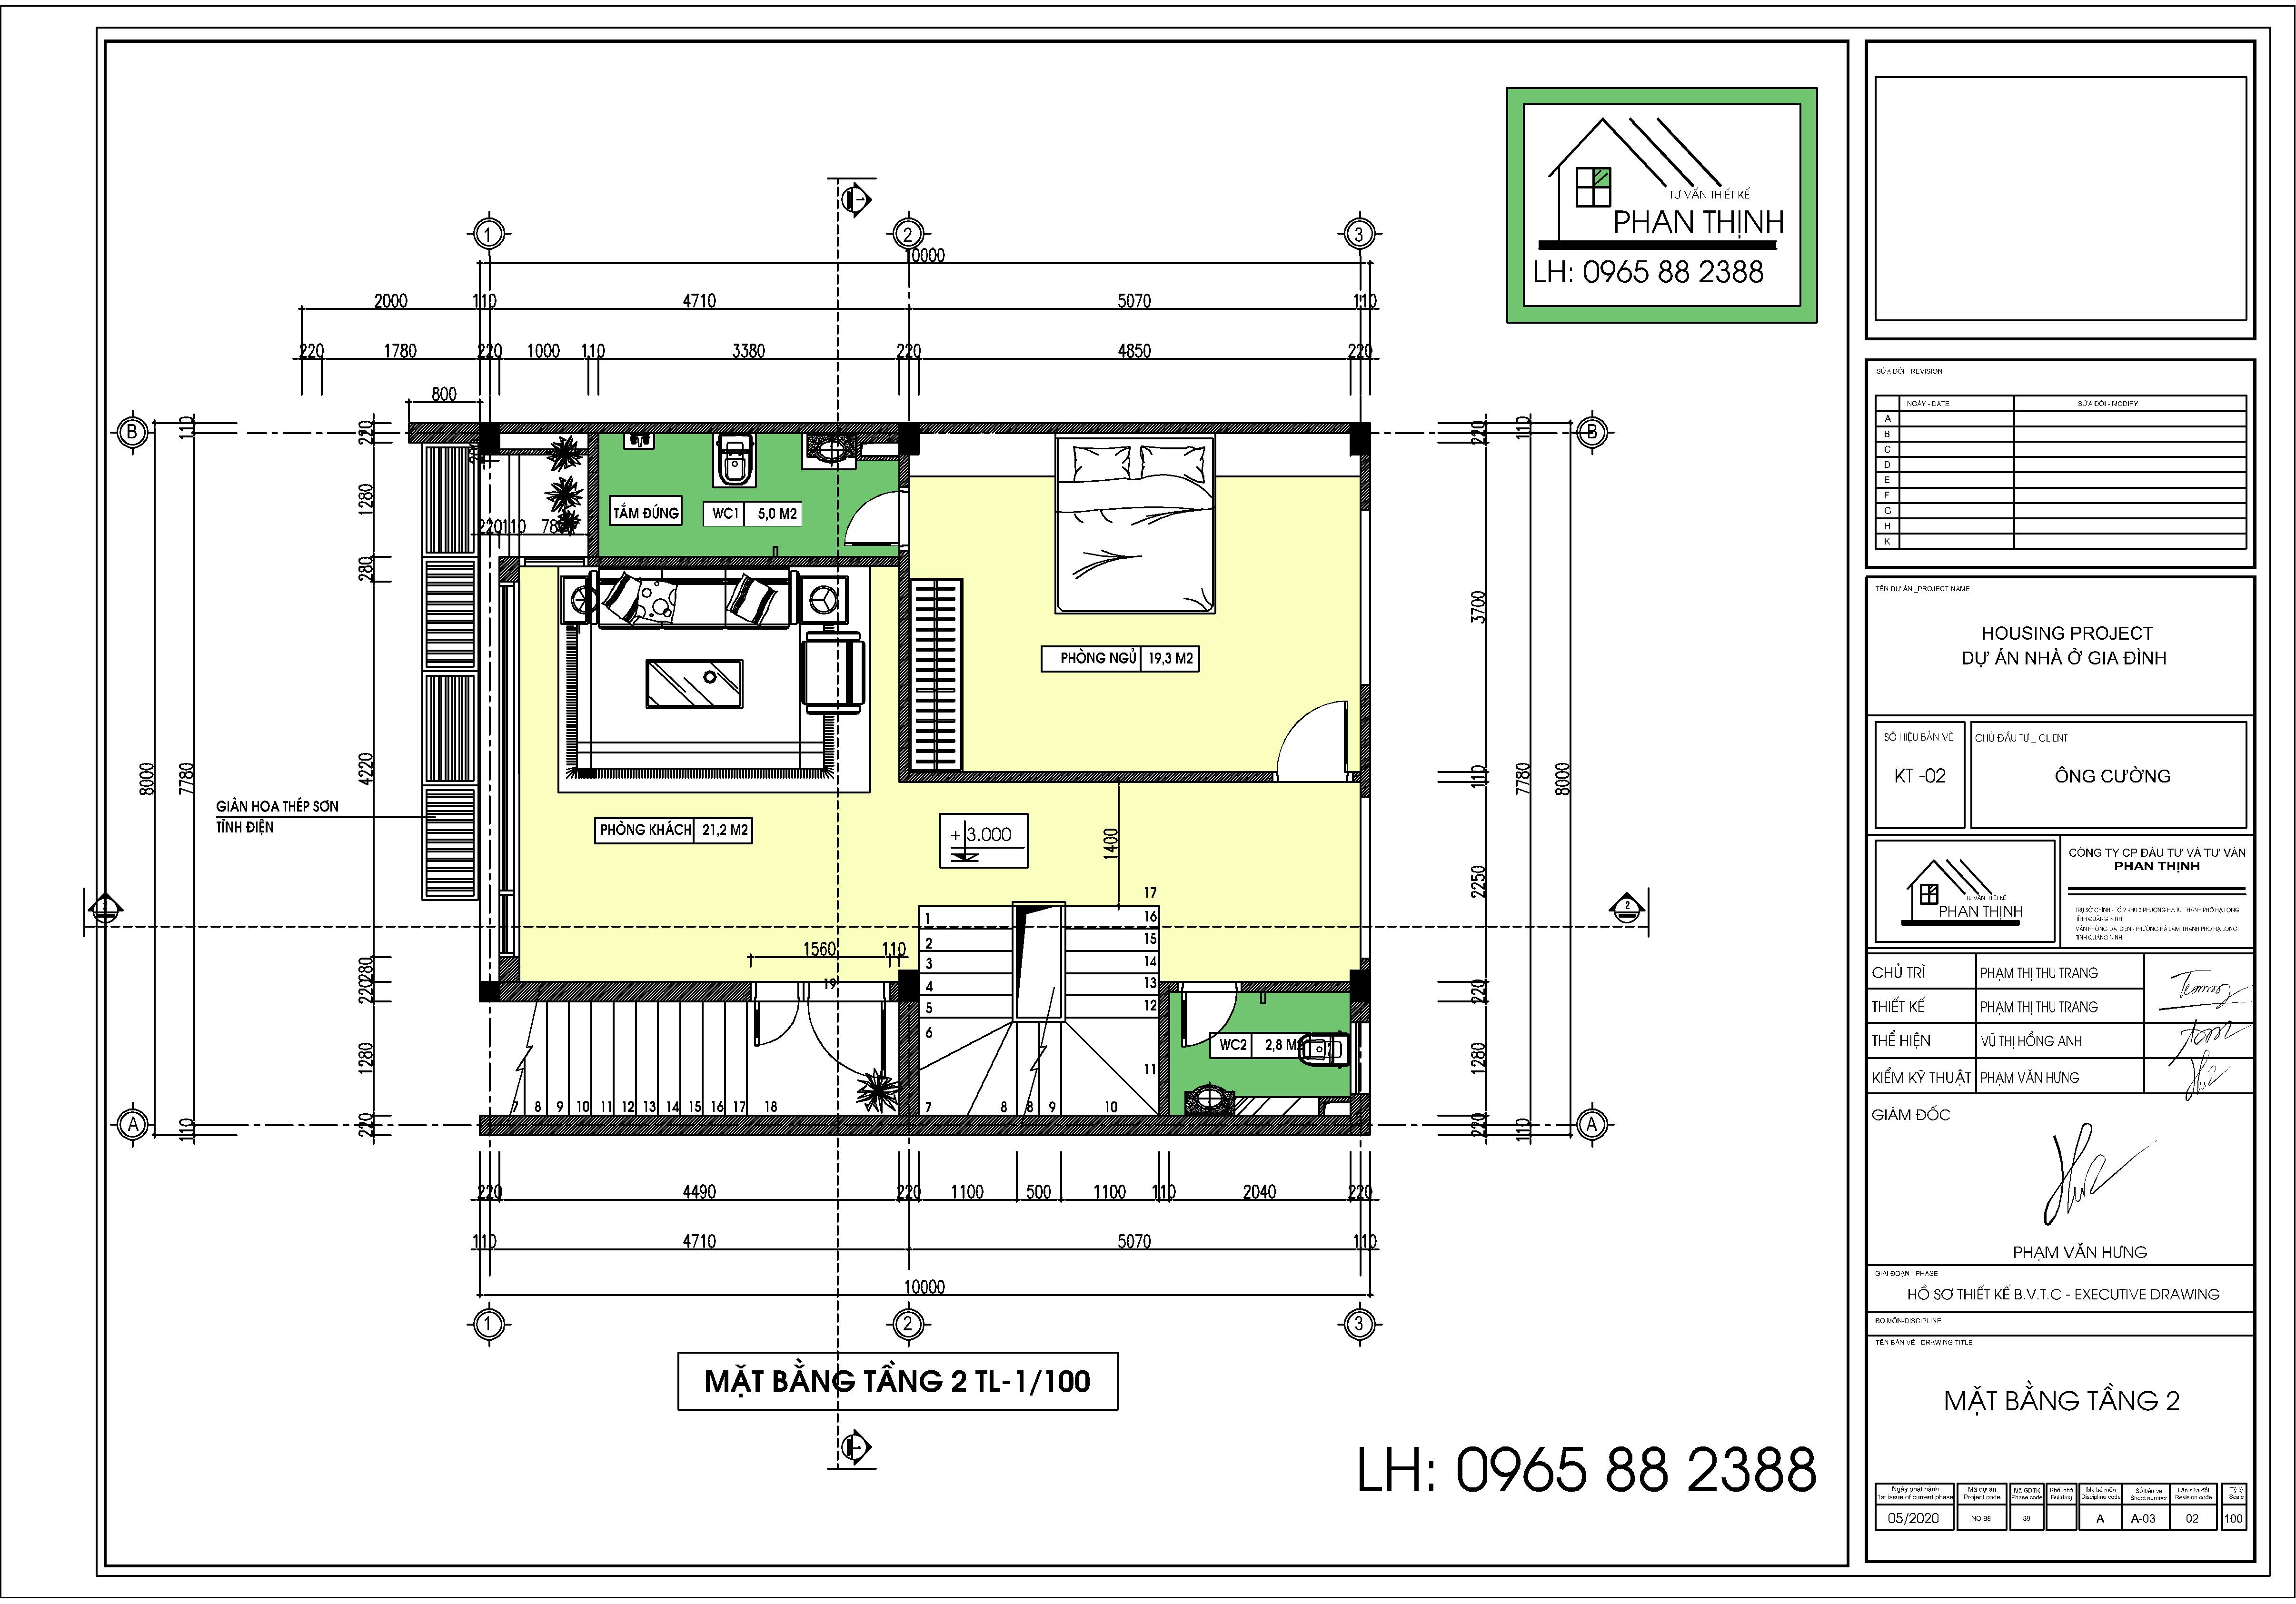 Thiết kế mặt bằng tầng 2 ngôi nhà 3 tầng hiện đại rộng 8m